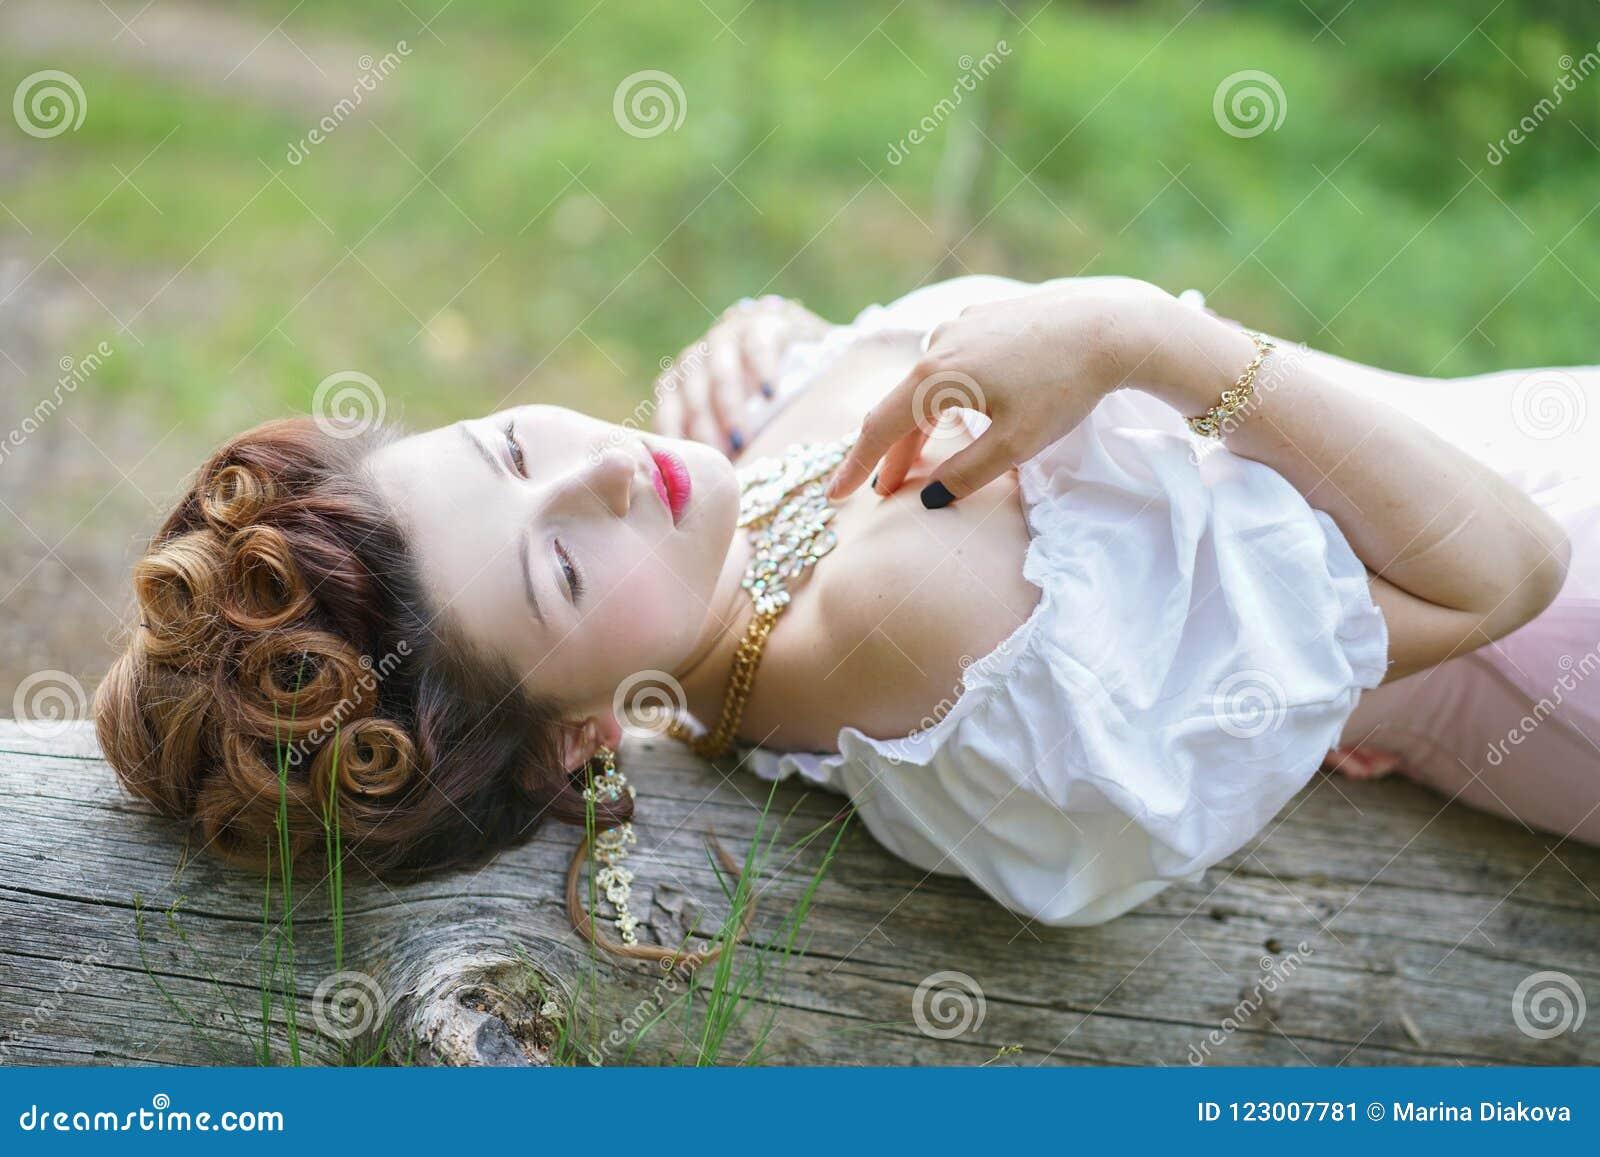 摆在中世纪减速火箭的束腰和白色葡萄酒女用贴身内衣裤的美丽的年轻胖的女孩在森林里